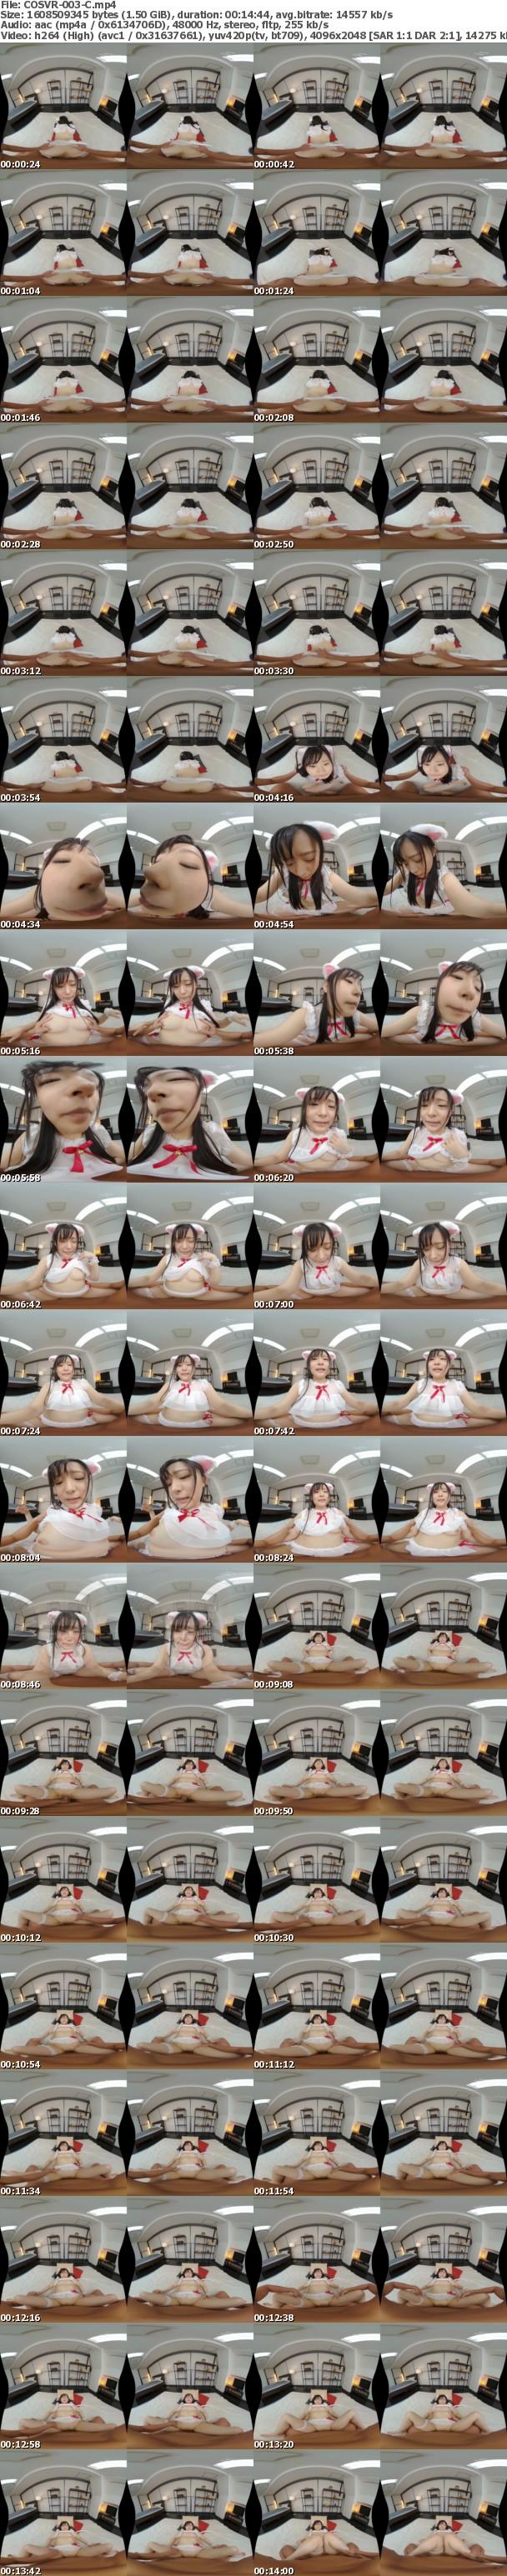 (VR) COSVR-003 ご主人さまが大好きなネコミミ少女のペロペロちゅぱちゅぱ舐め回しラブラブナマ中出しSEX 優木しの